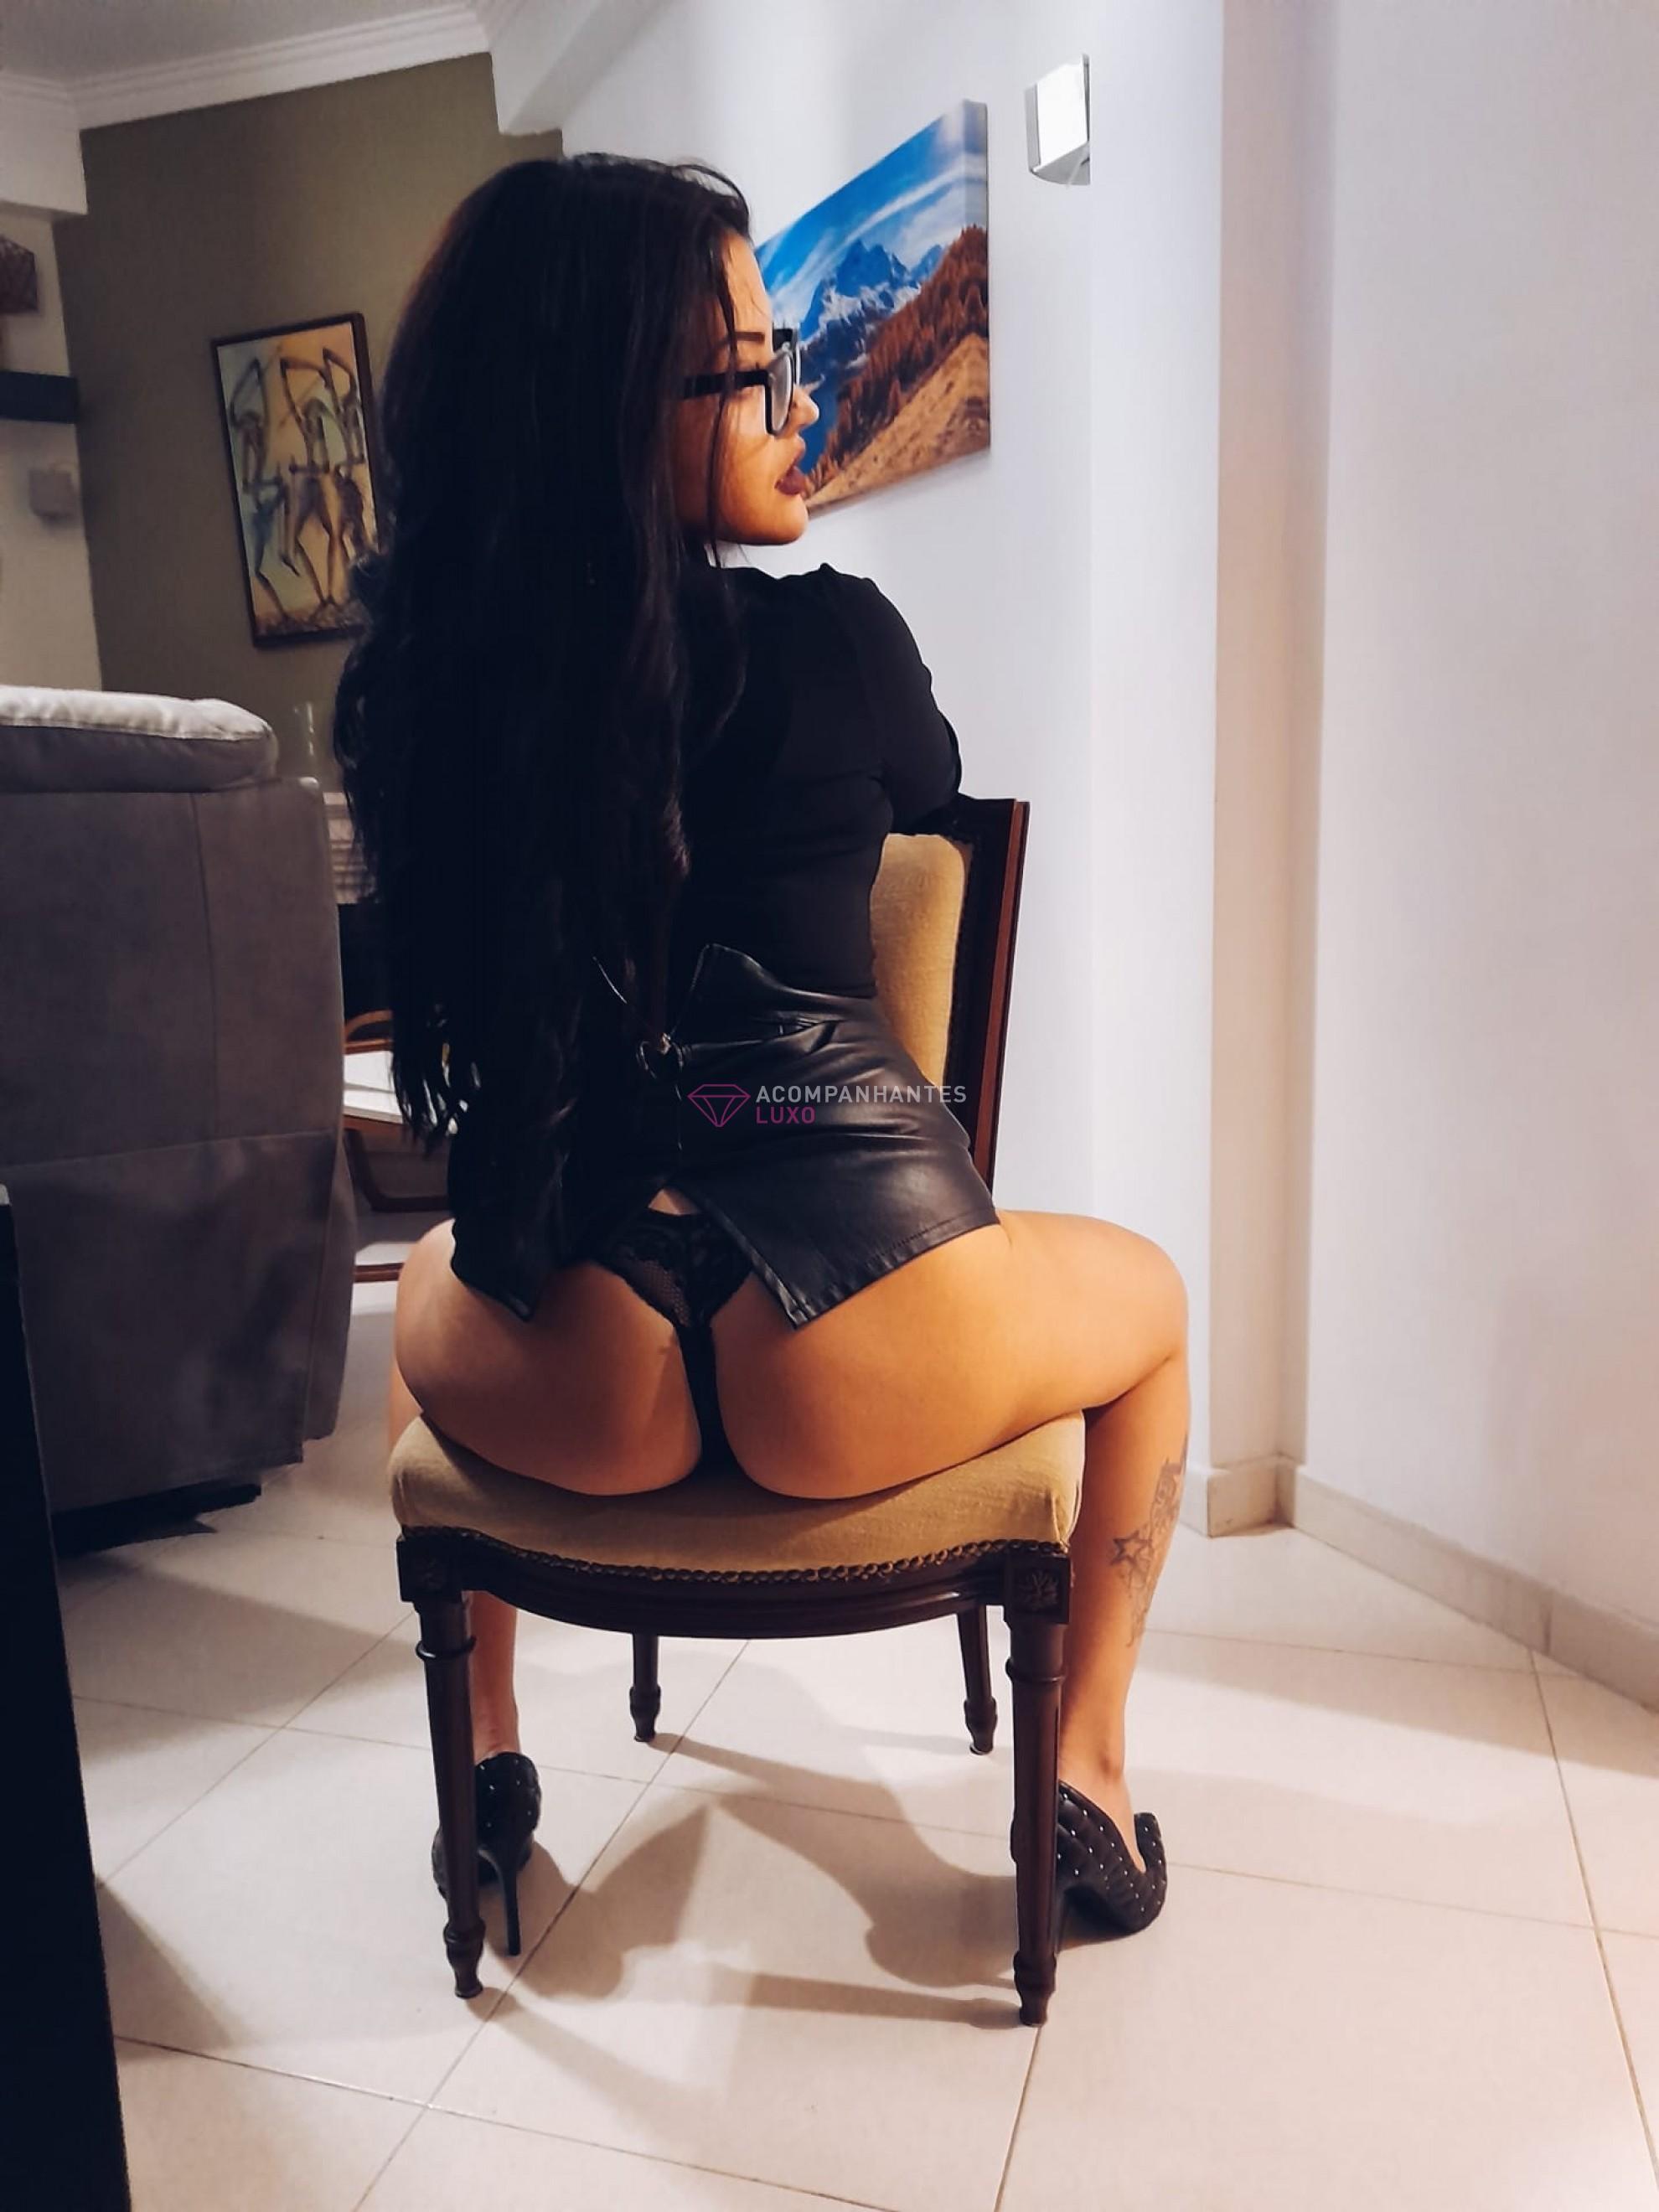 Alexandra Mendez